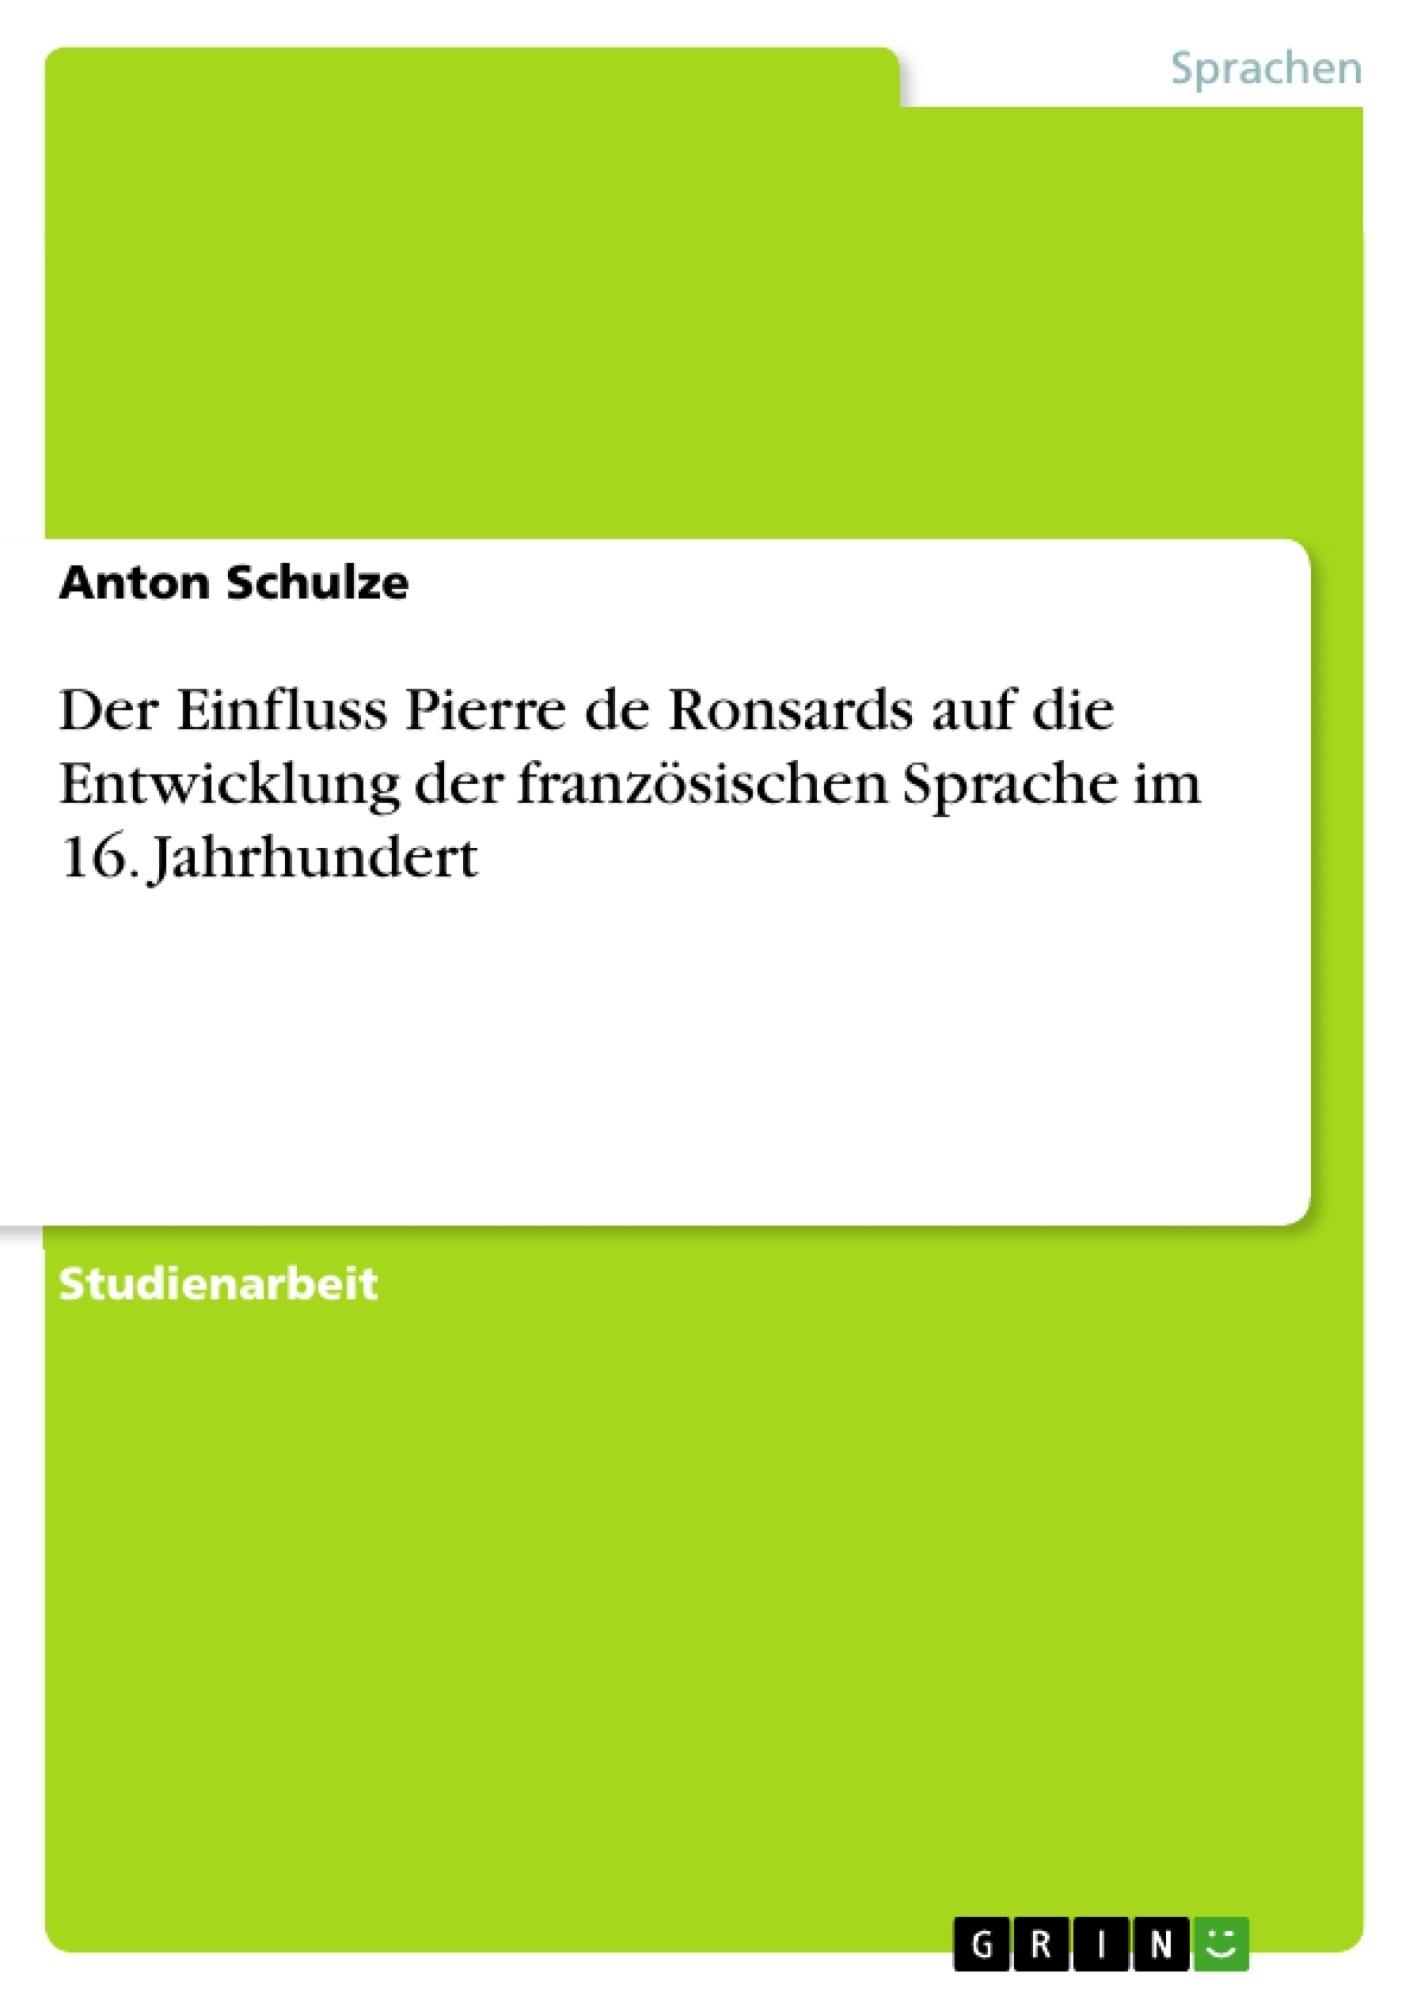 Titel: Der Einfluss Pierre de Ronsards auf die Entwicklung der französischen Sprache im 16. Jahrhundert